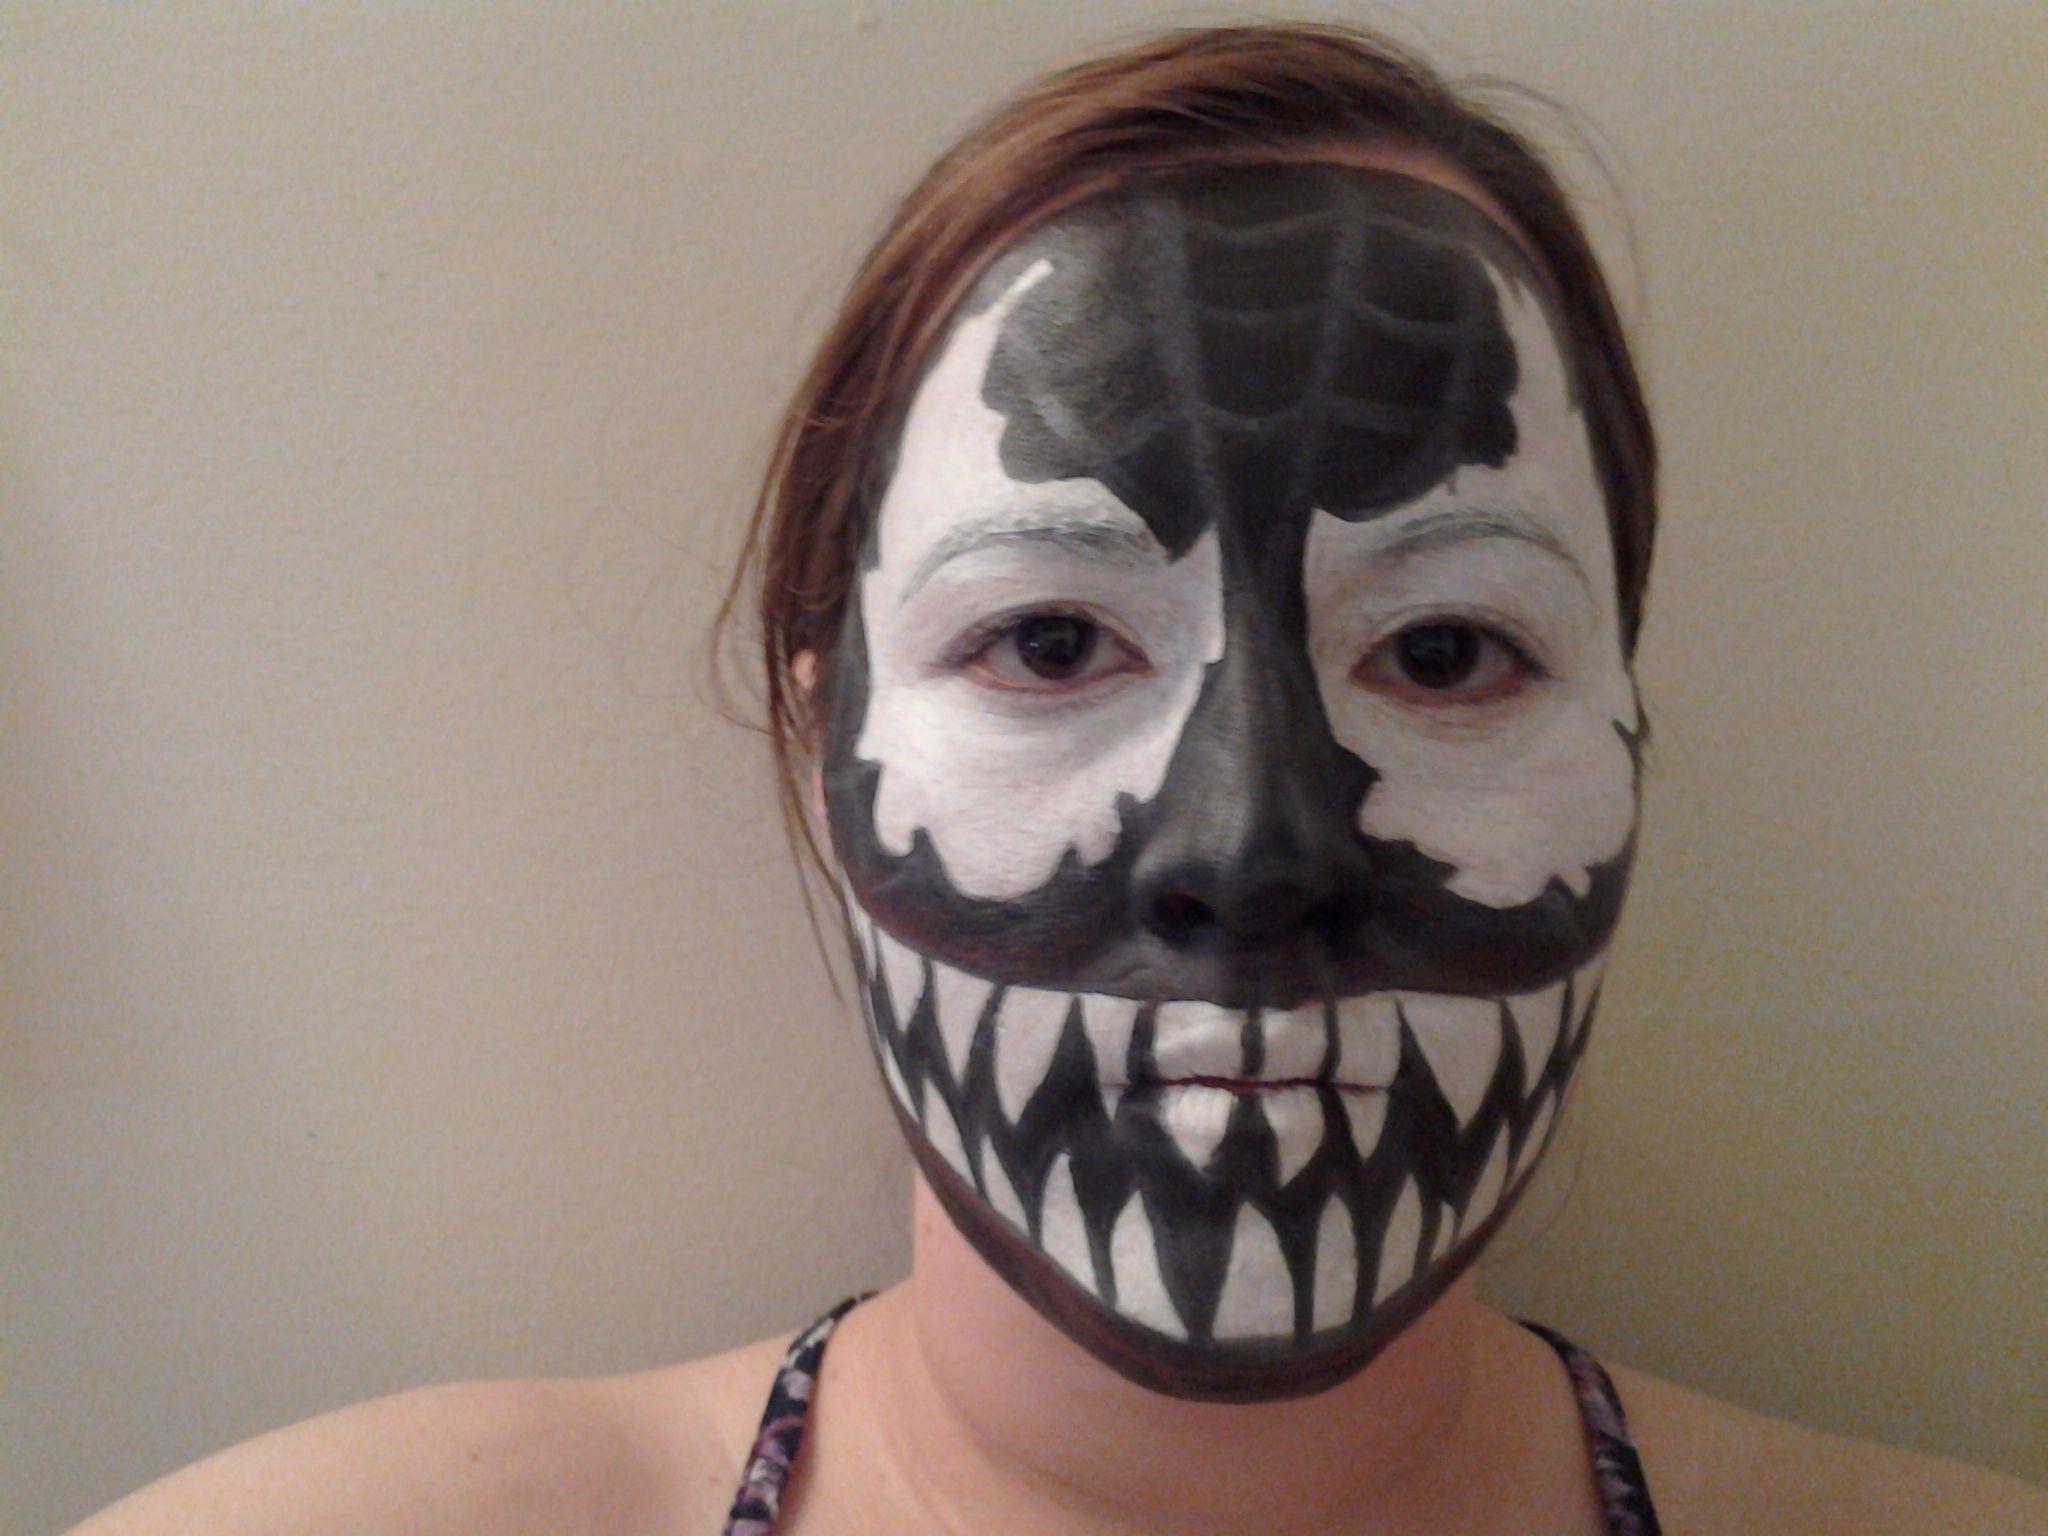 Venom Face Paint | Face Painting! | Pinterest | Venom and ...